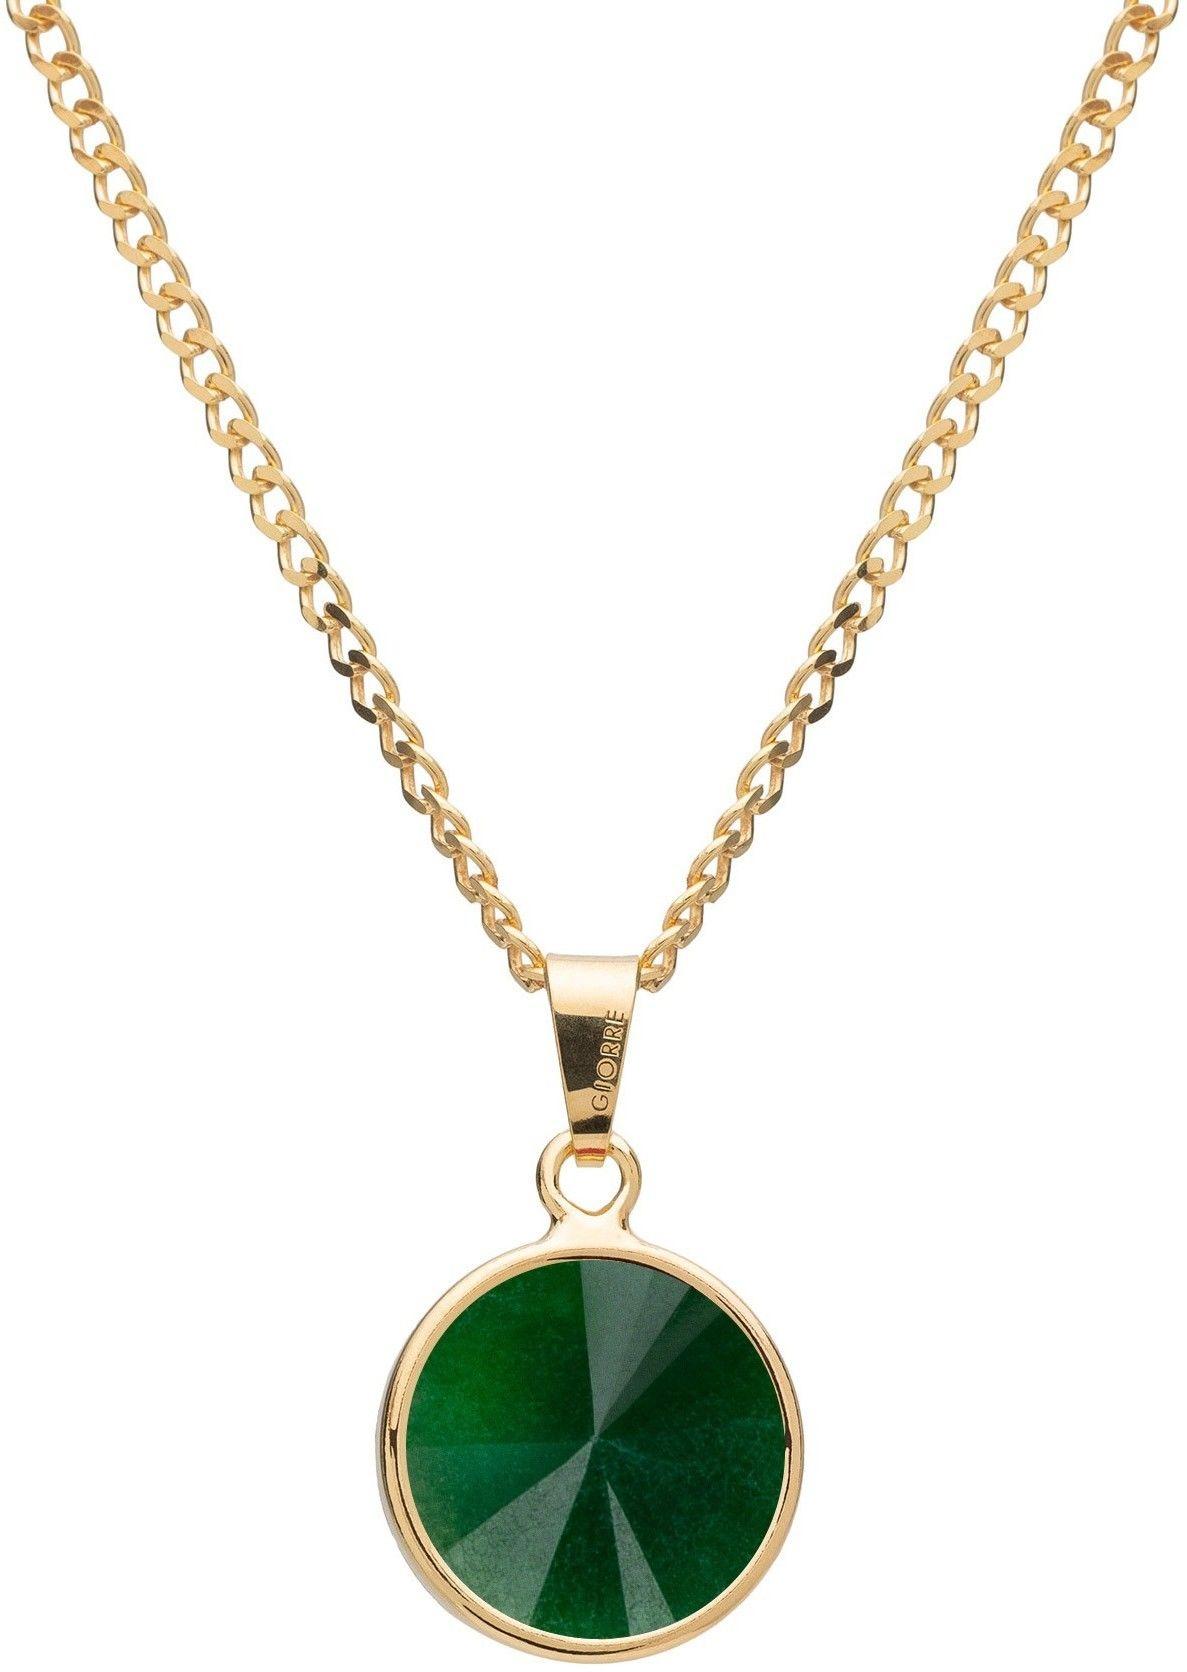 Srebrny naszyjnik z naturalnym kamieniem - jadeit, srebro 925 : Długość (cm) - 40 + 5 , Kamienie naturalne - kolor - jadeit zielony ciemny, Srebro - kolor pokrycia - Pokrycie żółtym 18K złotem